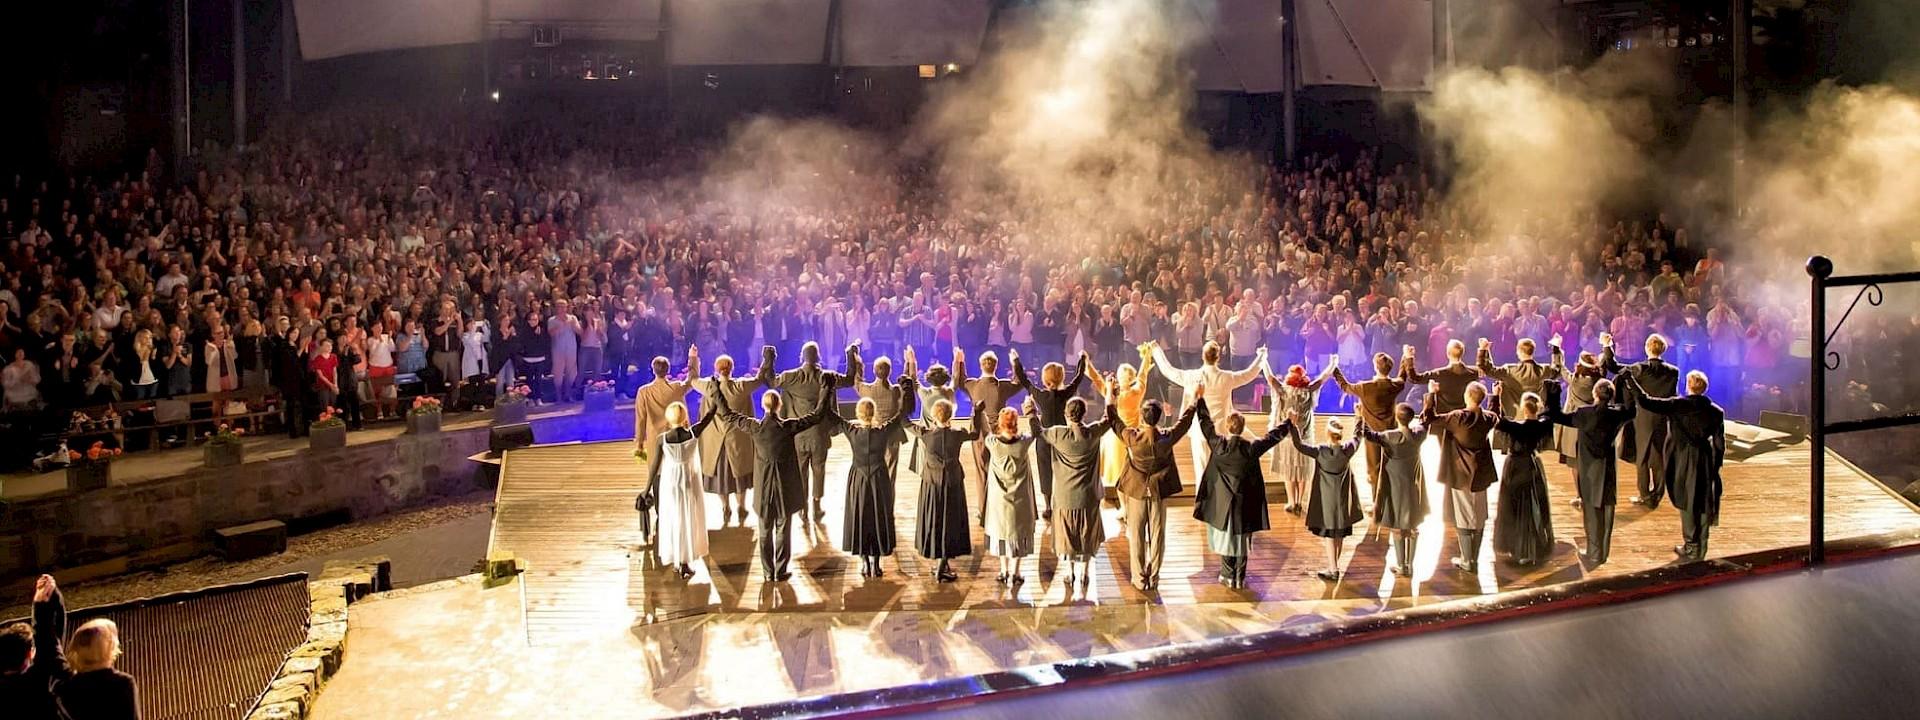 Traumhafte Unterhaltung auf großer Bühne Freilichtspiele Tecklenburg